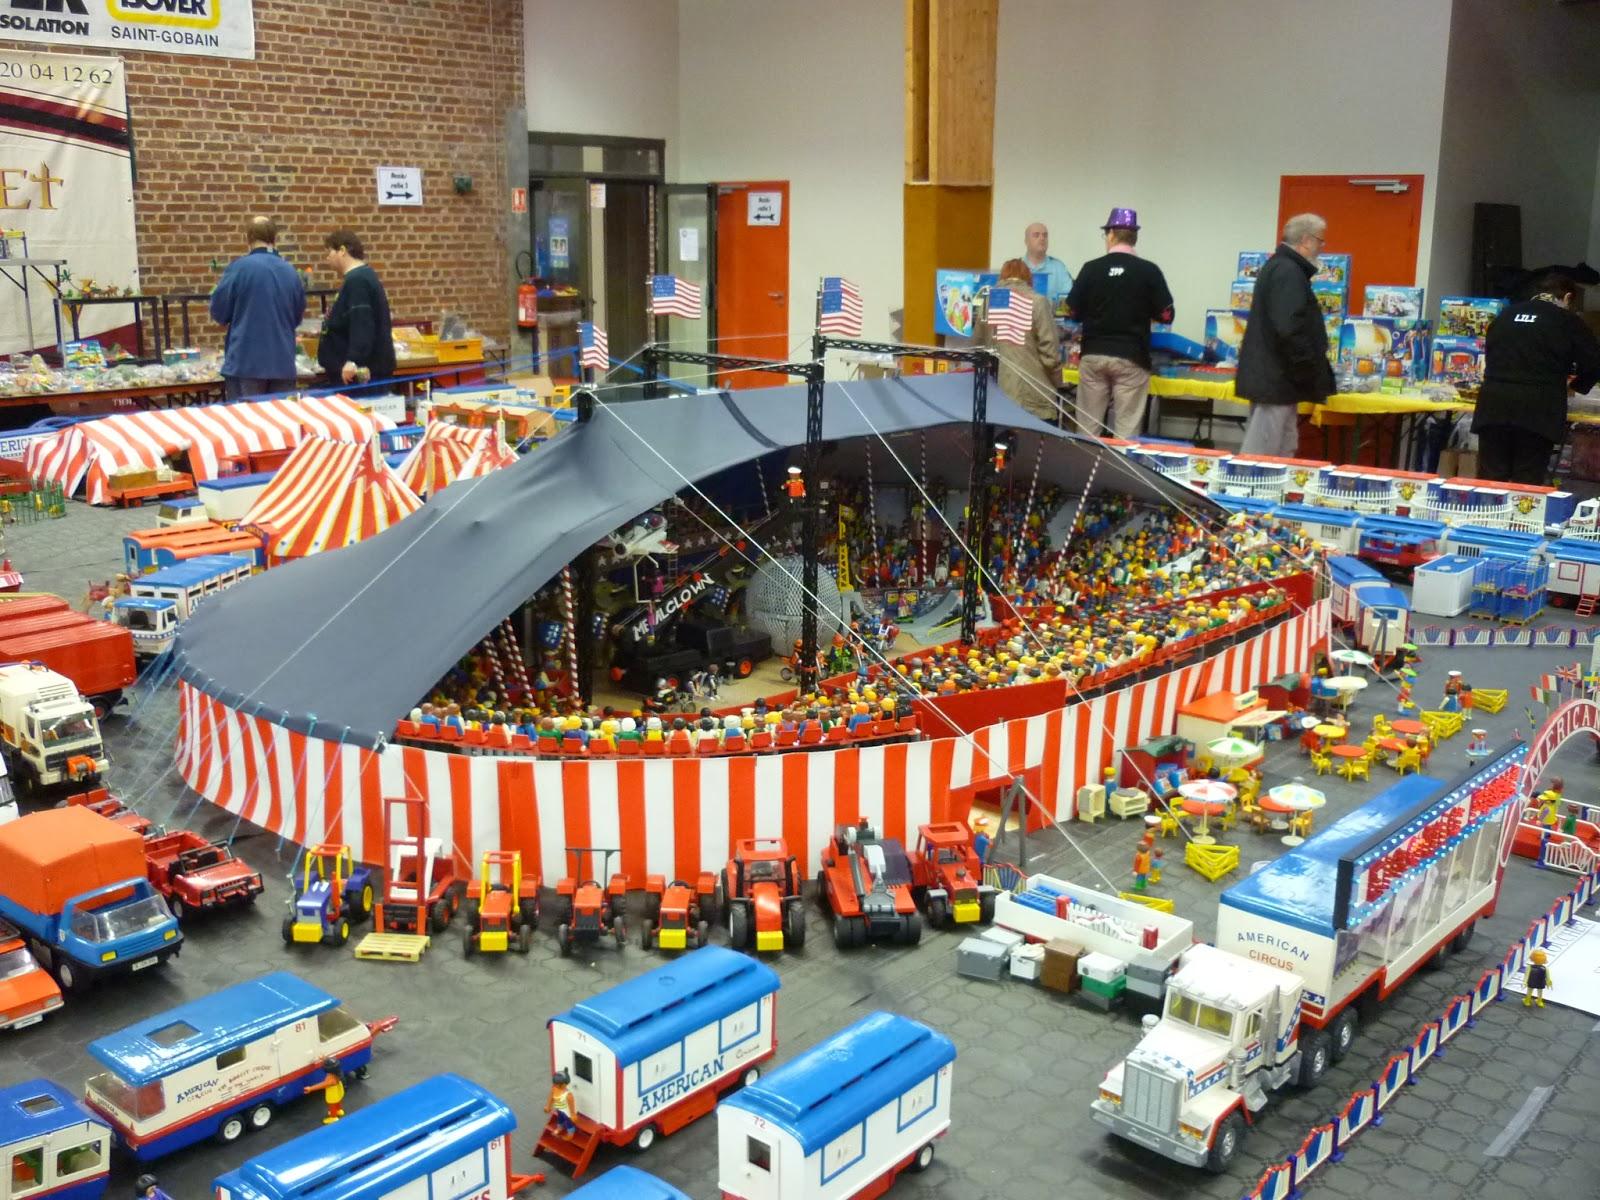 Wonderbaar Circusmodellbau: American Circus Playmobil DI-48